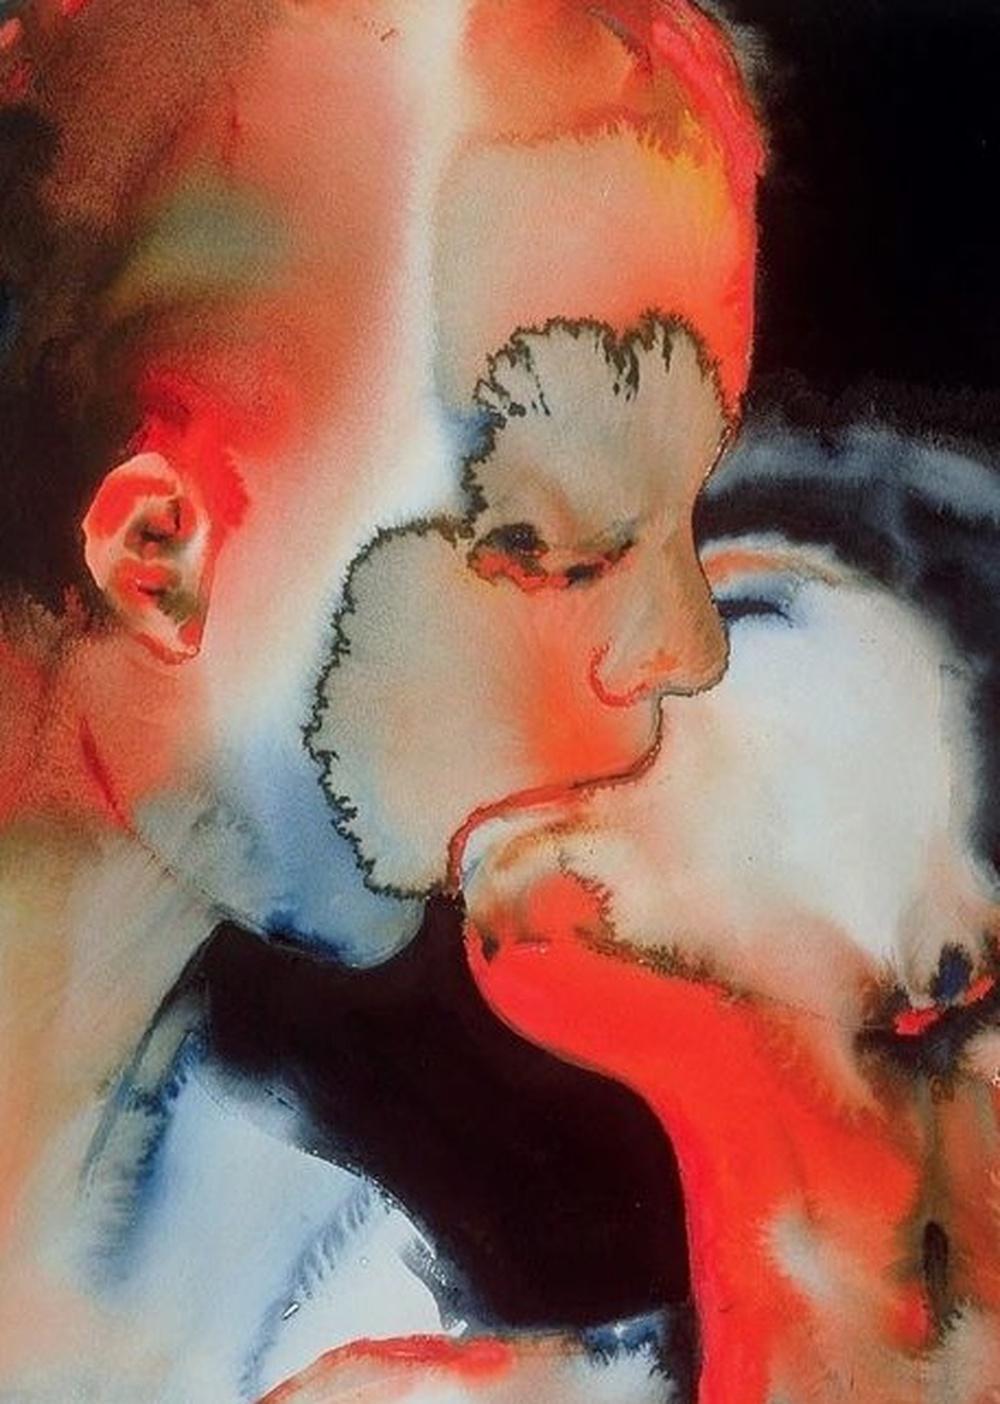 Une bonne partie de notre excitation n'a rien à voir avec la dimension physique du baiser,  elle provient de la simple prise de conscience que quelqu'un d'autre nous aime